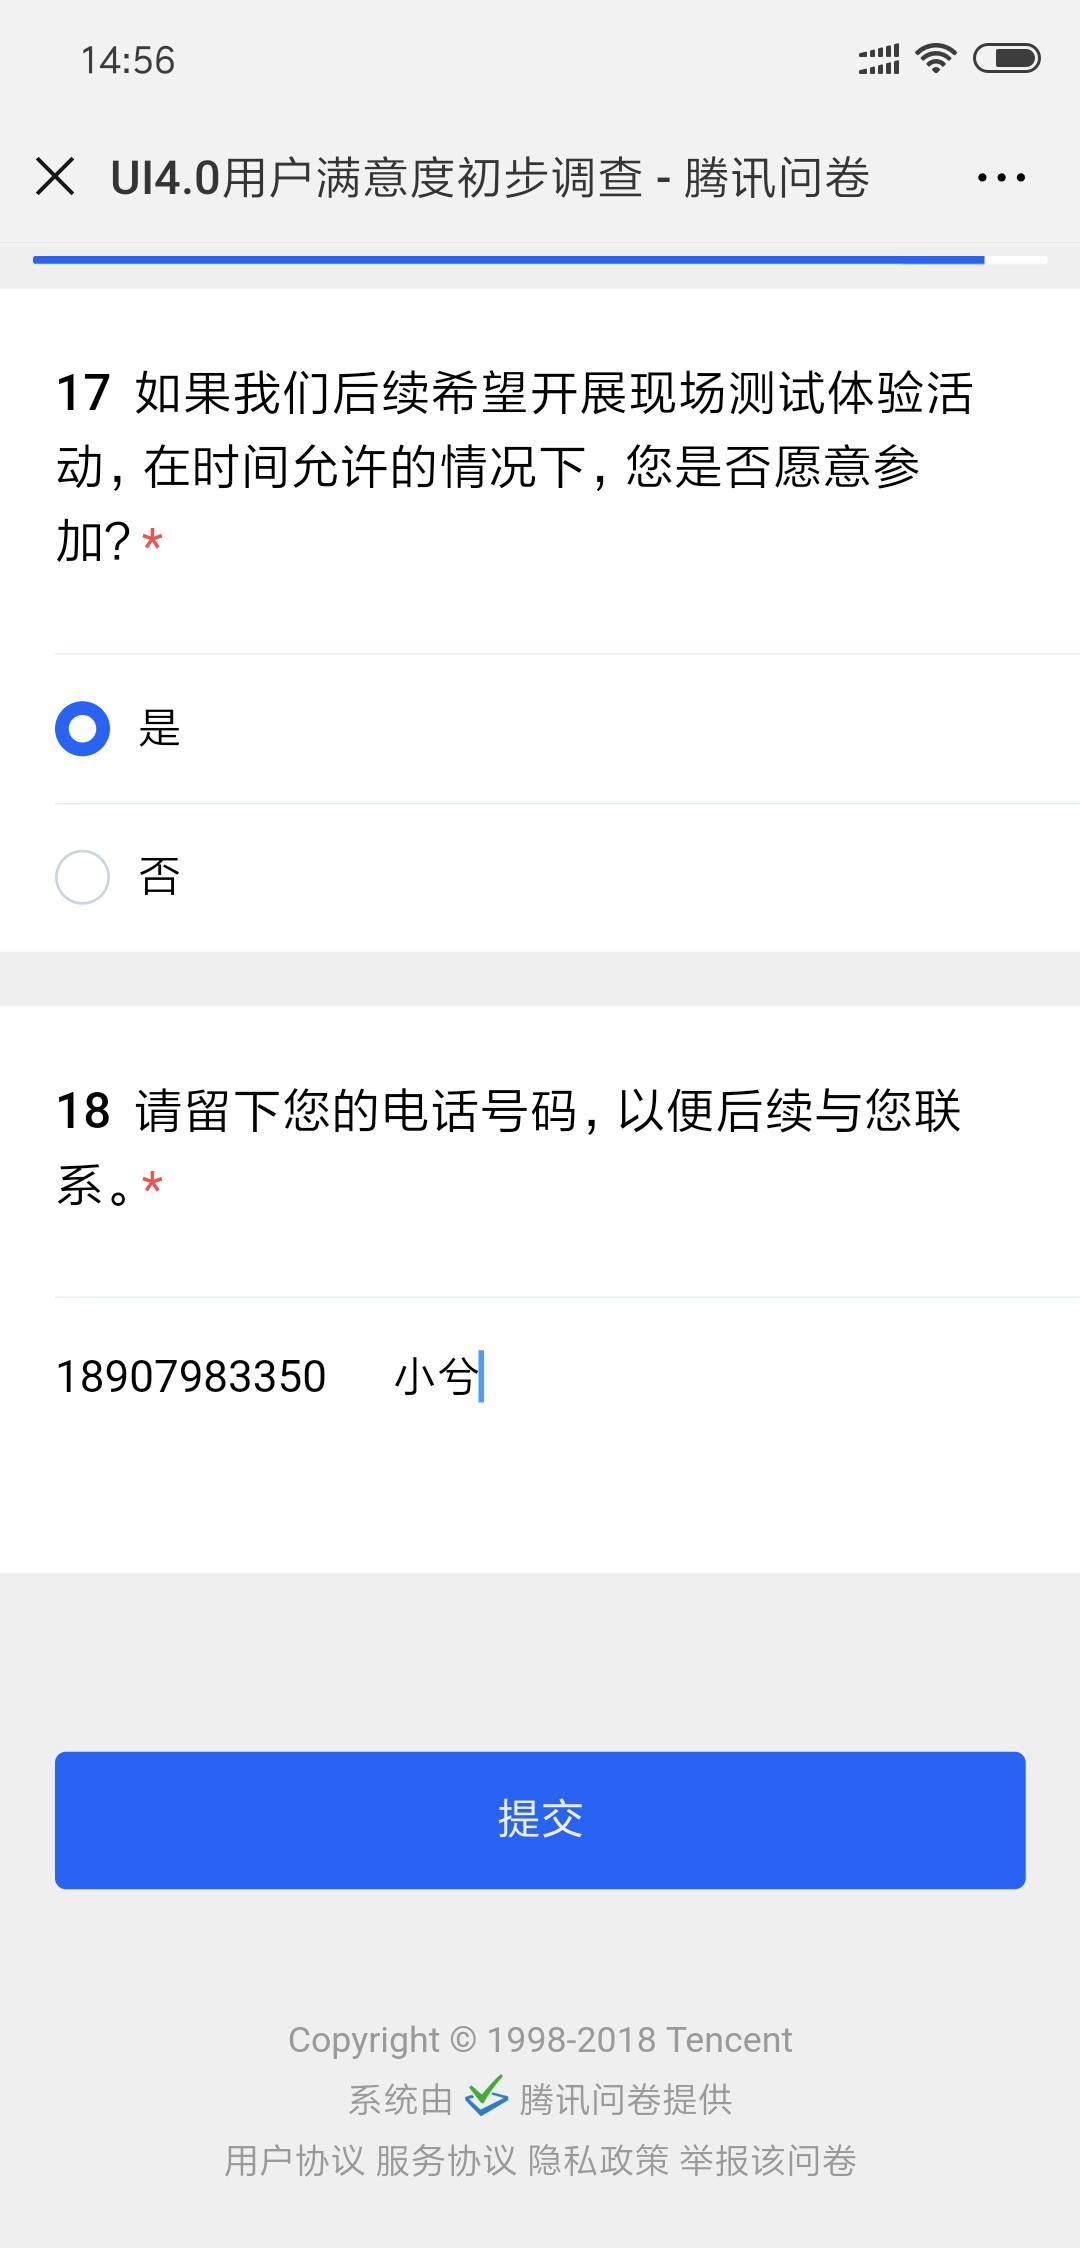 Screenshot_2018-12-26-14-56-32-039_com.tencent.mm.png